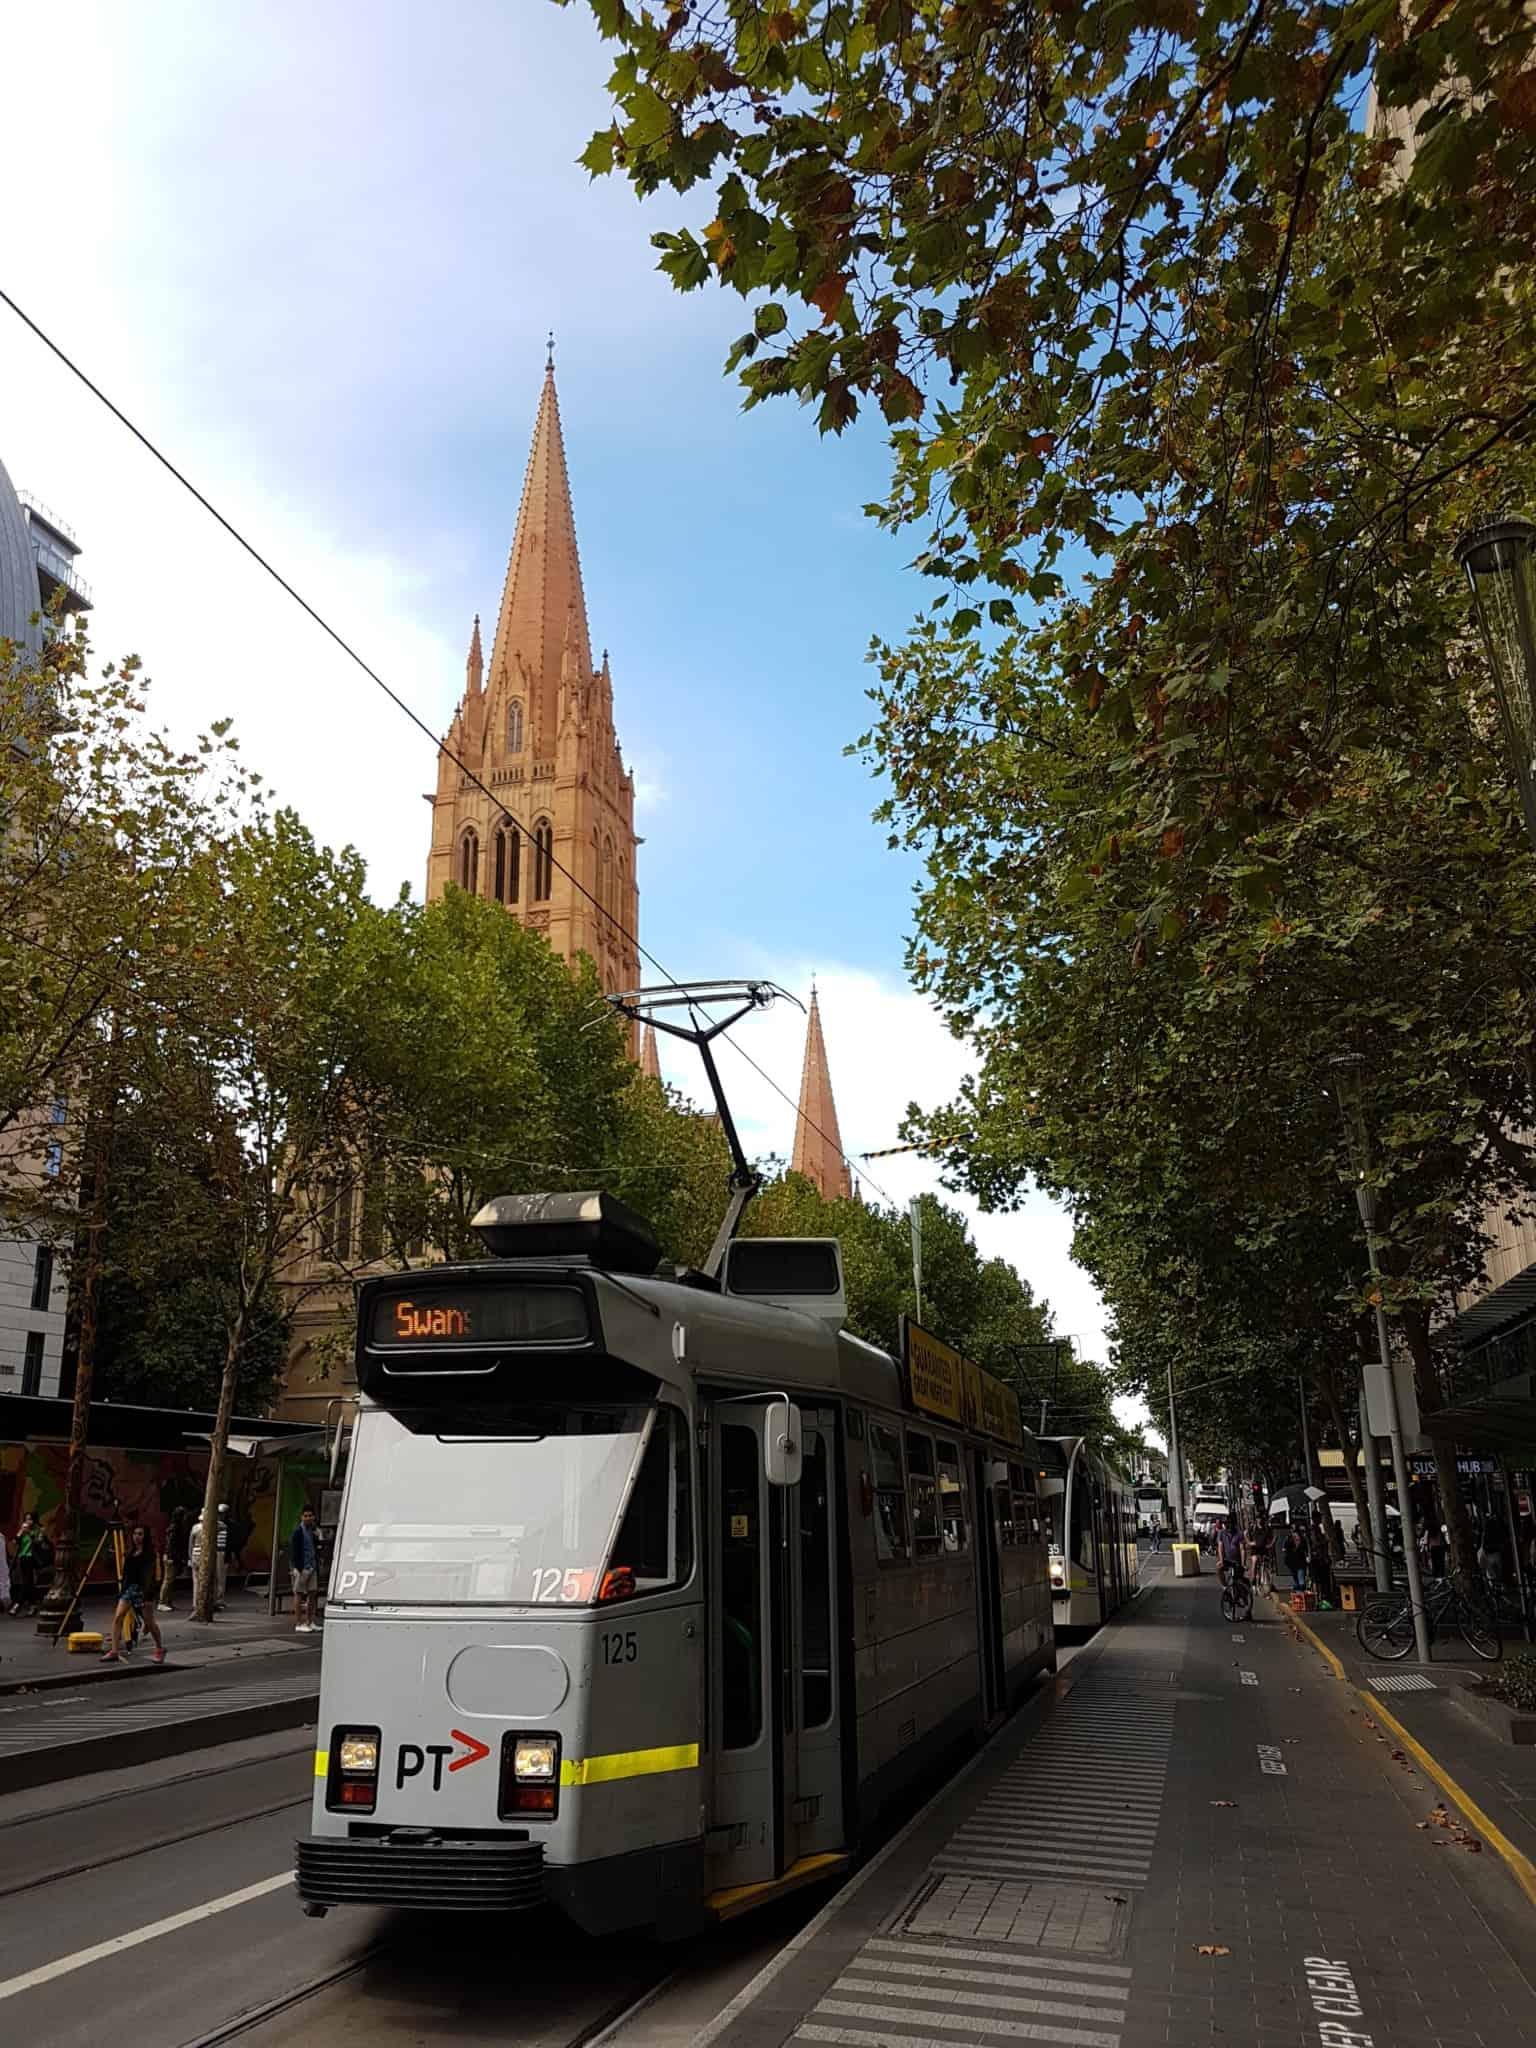 Australie, trois jours à découvrir Melbourne 👣 9